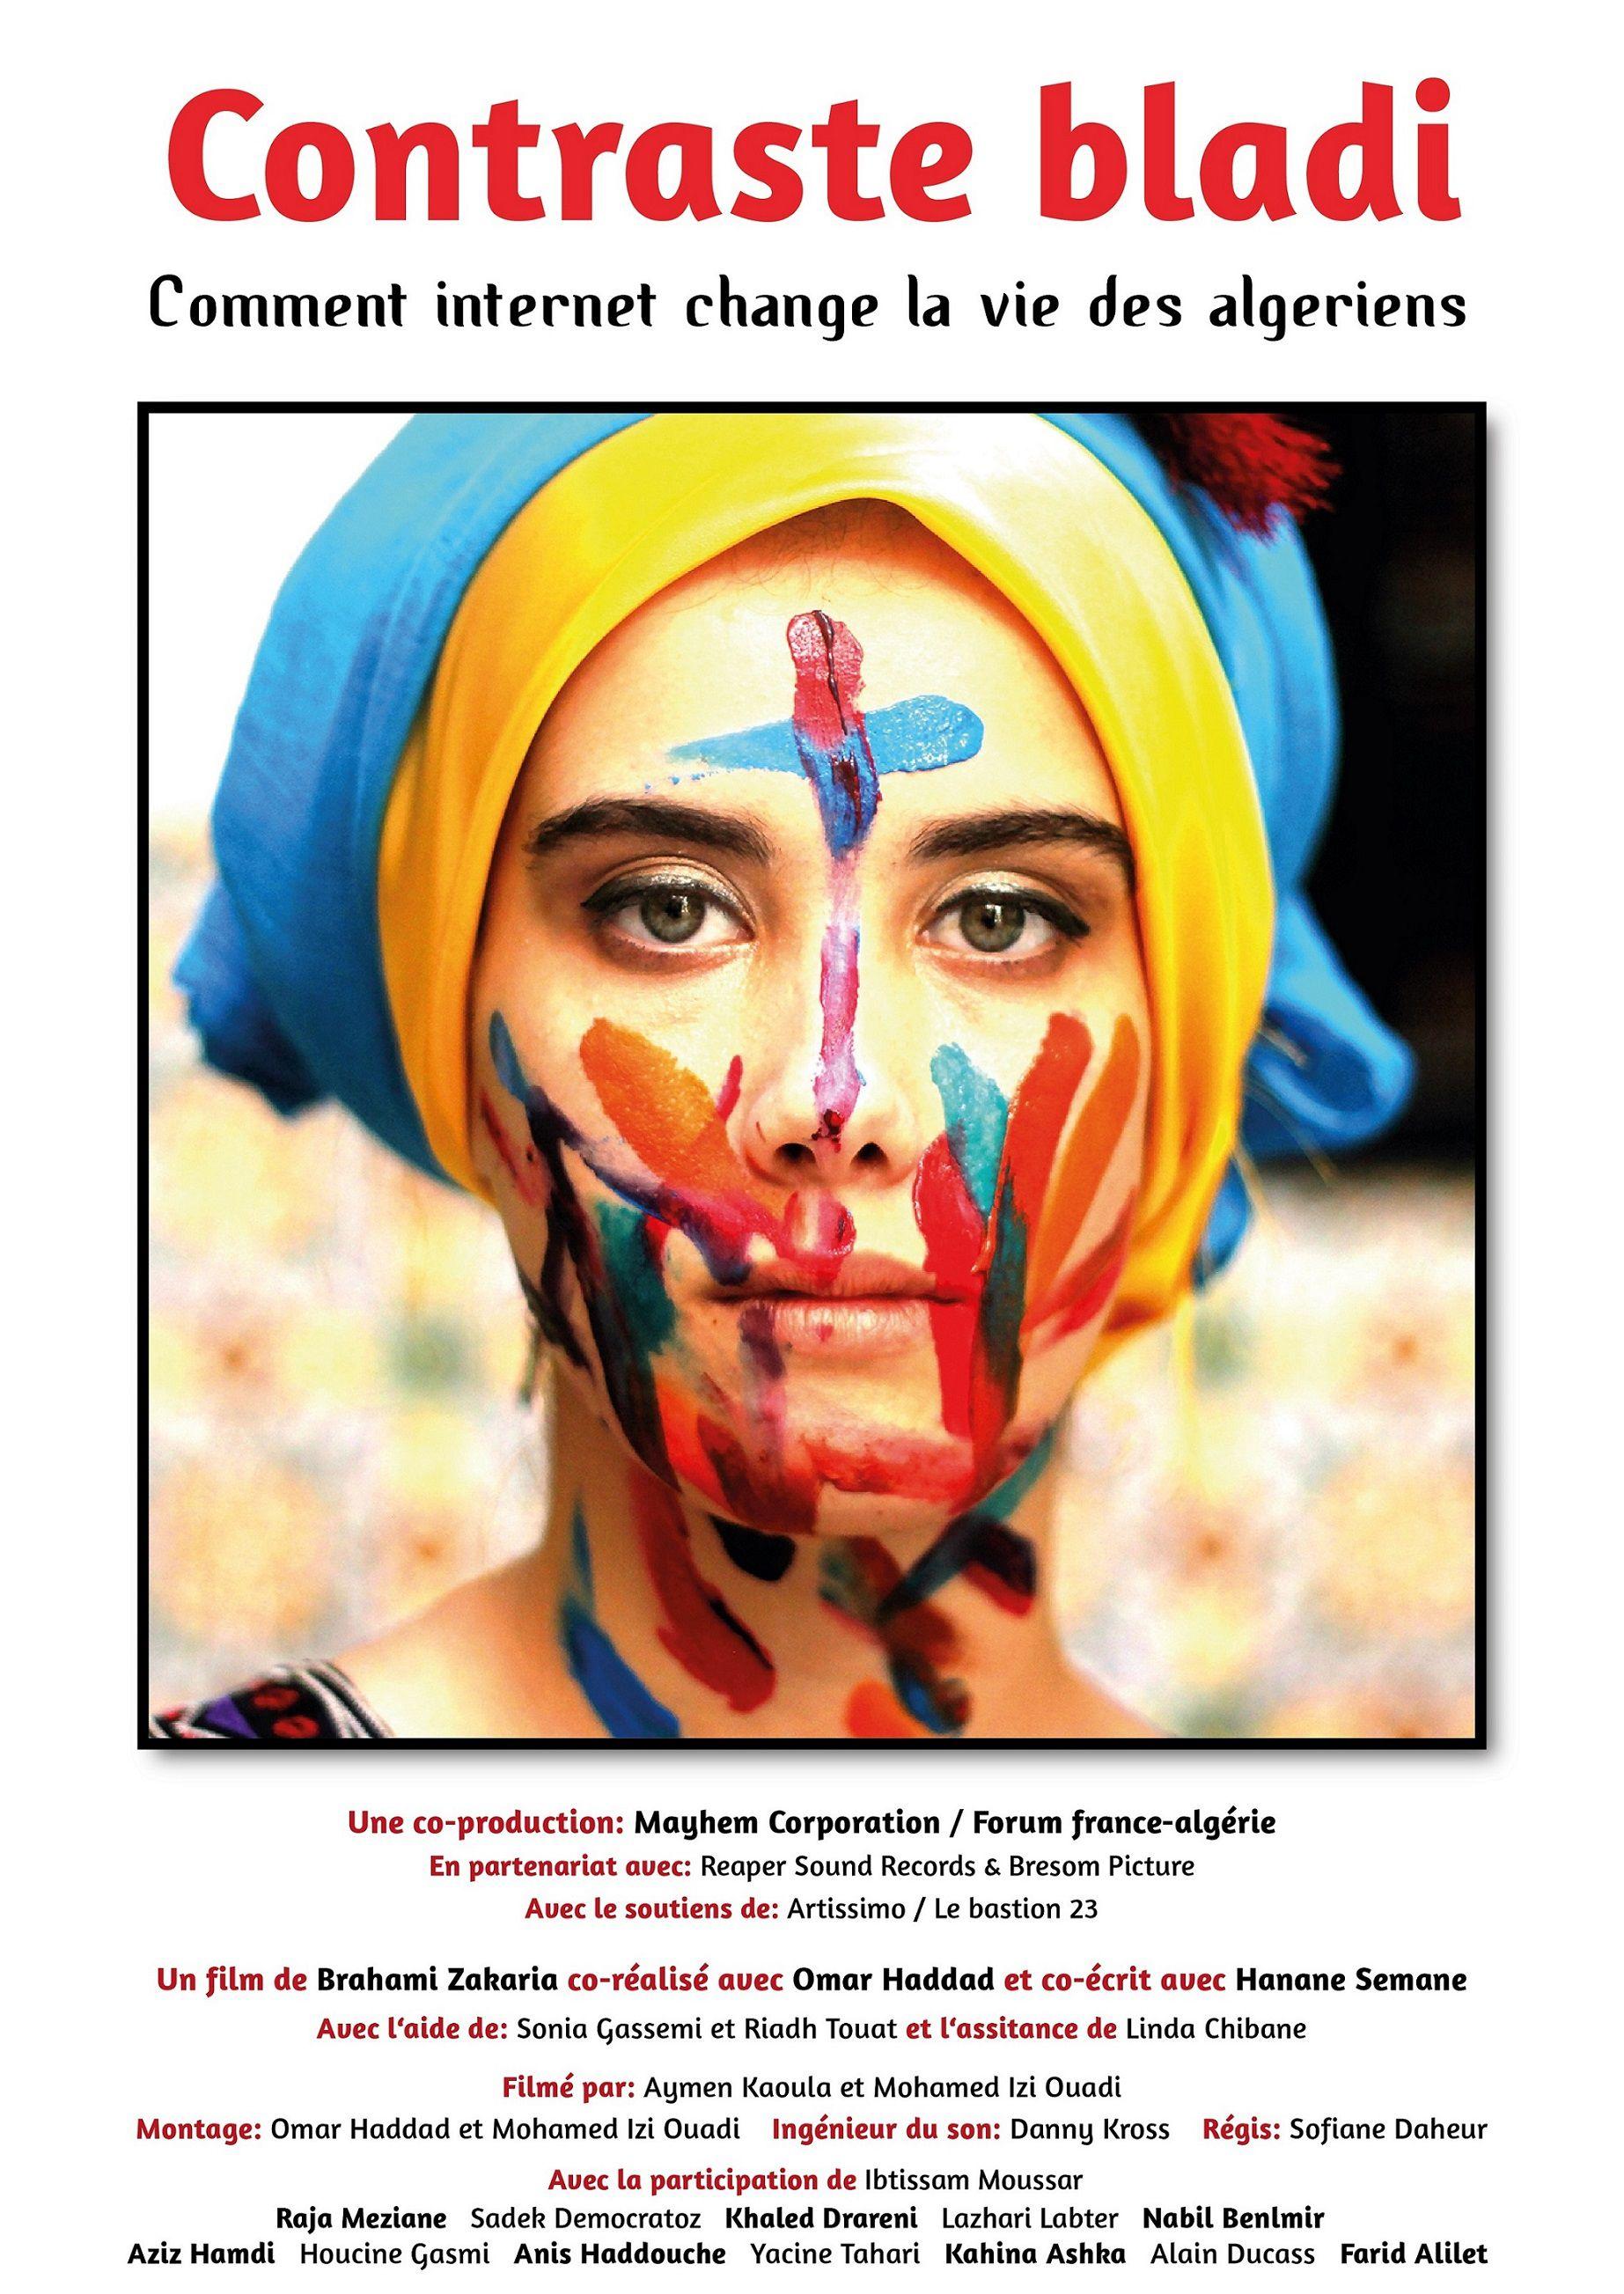 Contraste Bladi : Comment internet change la vie des algériens - Film (2017)